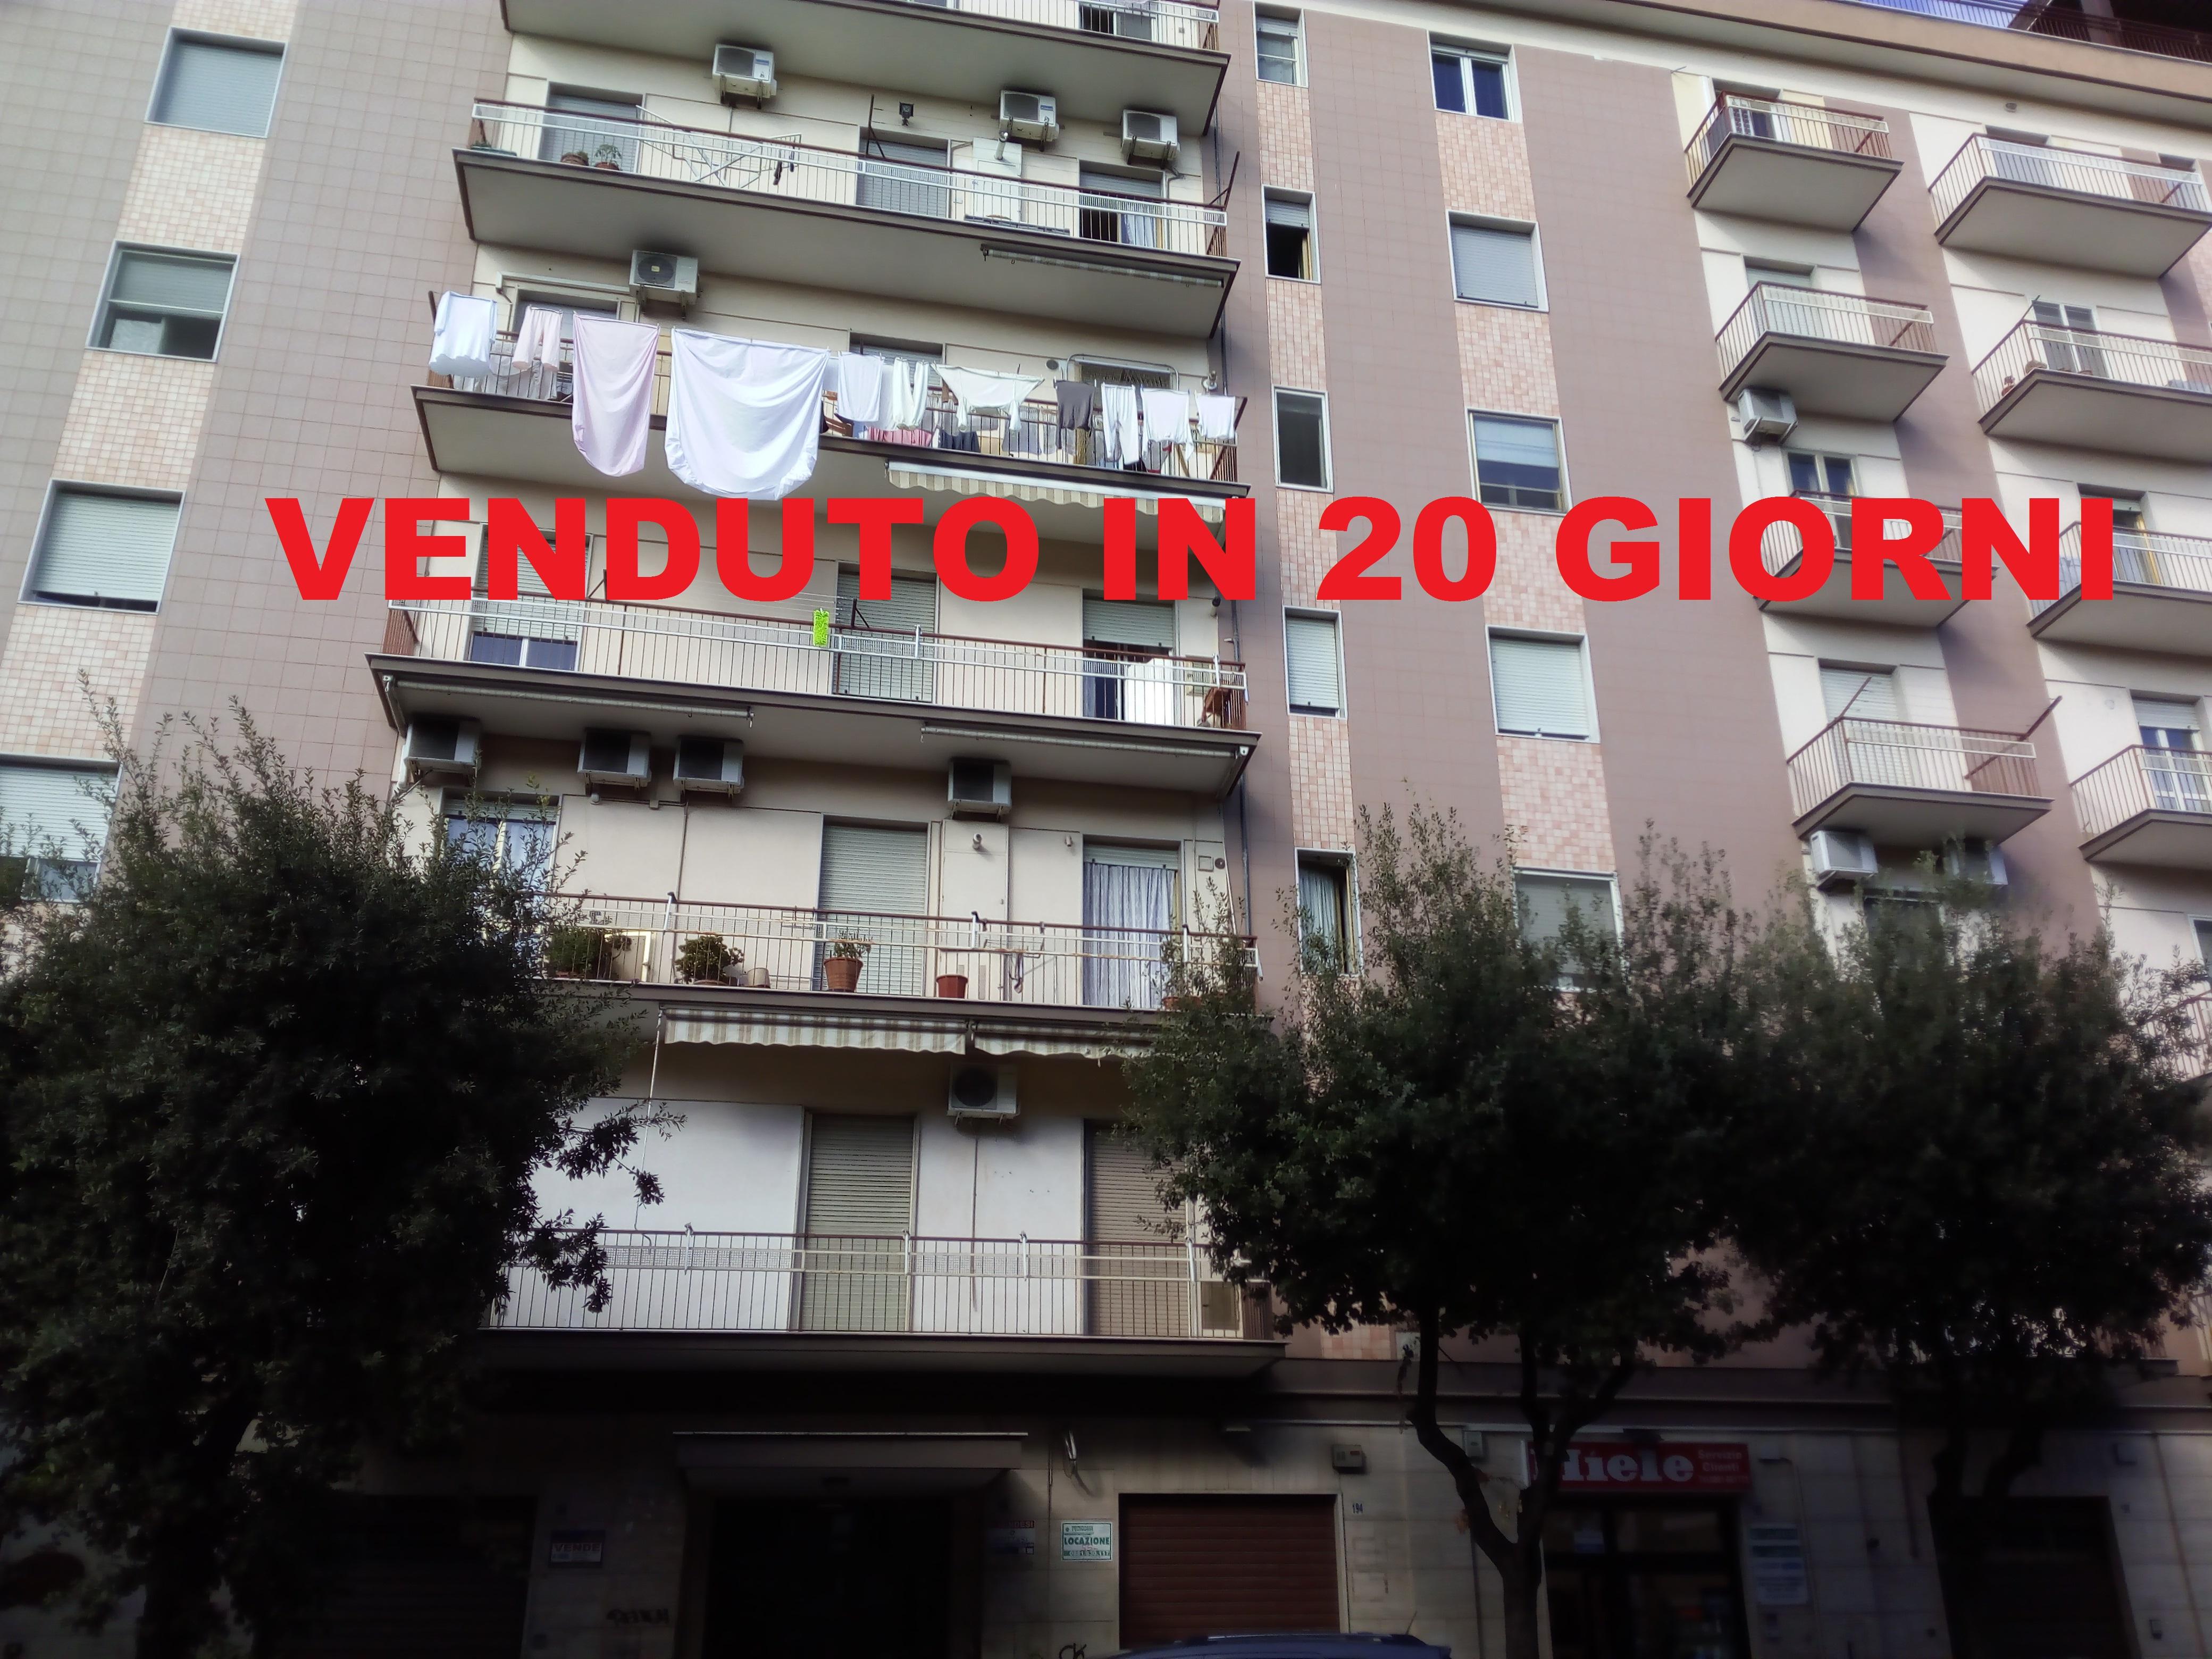 Viale Michelangelo appartamento composto da tre vani accessori